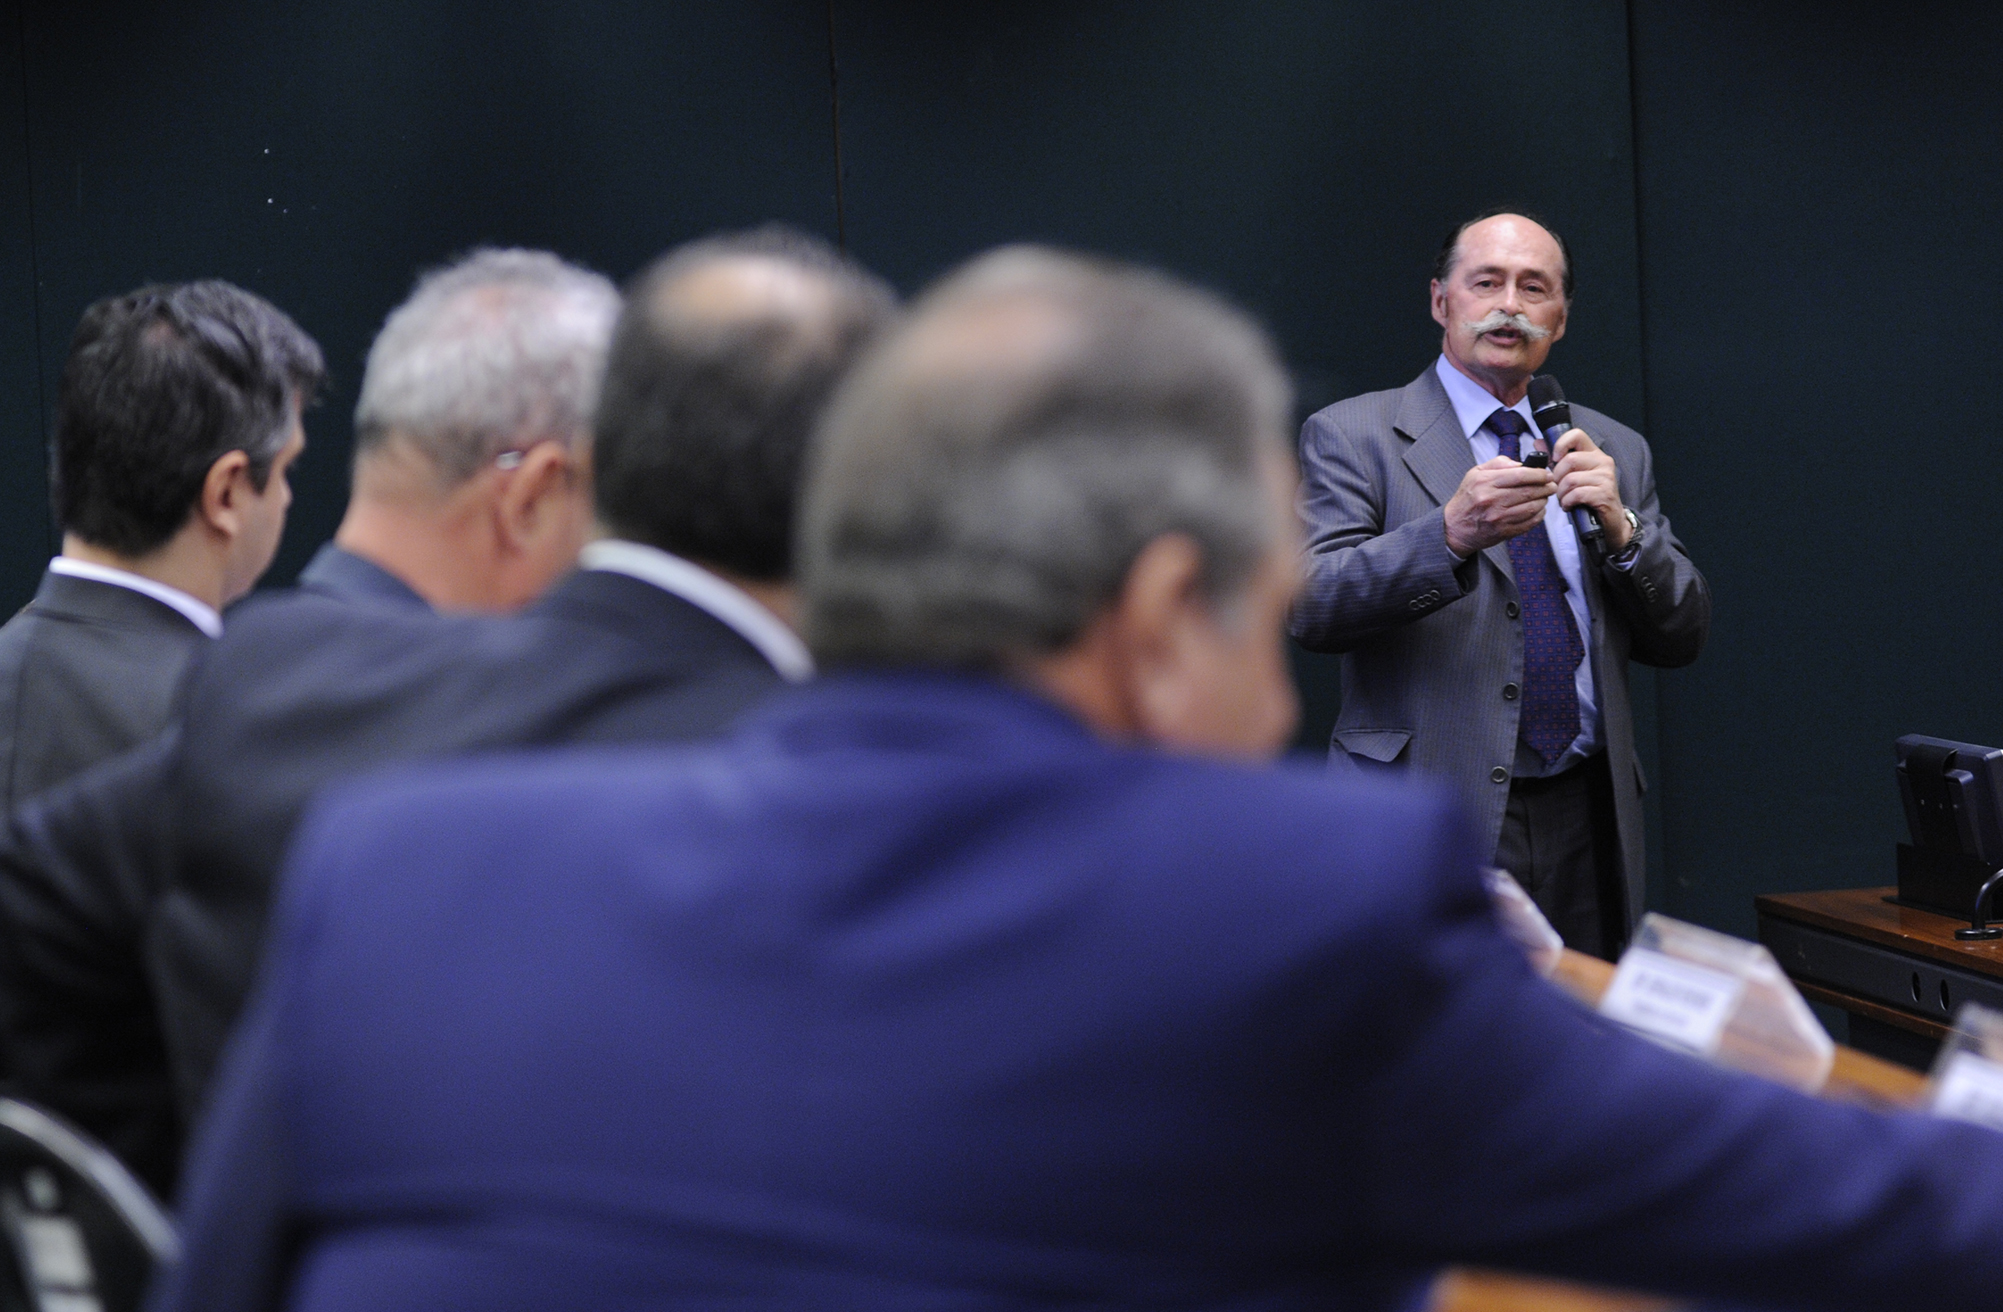 Audiência pública sobre a Lei nº 9656/98, que dispõe sobre os planos e seguros privados de assistência à saúde. Representante do Conselho Federal de Medicina (CFM), Salomão Rodrigues Filho